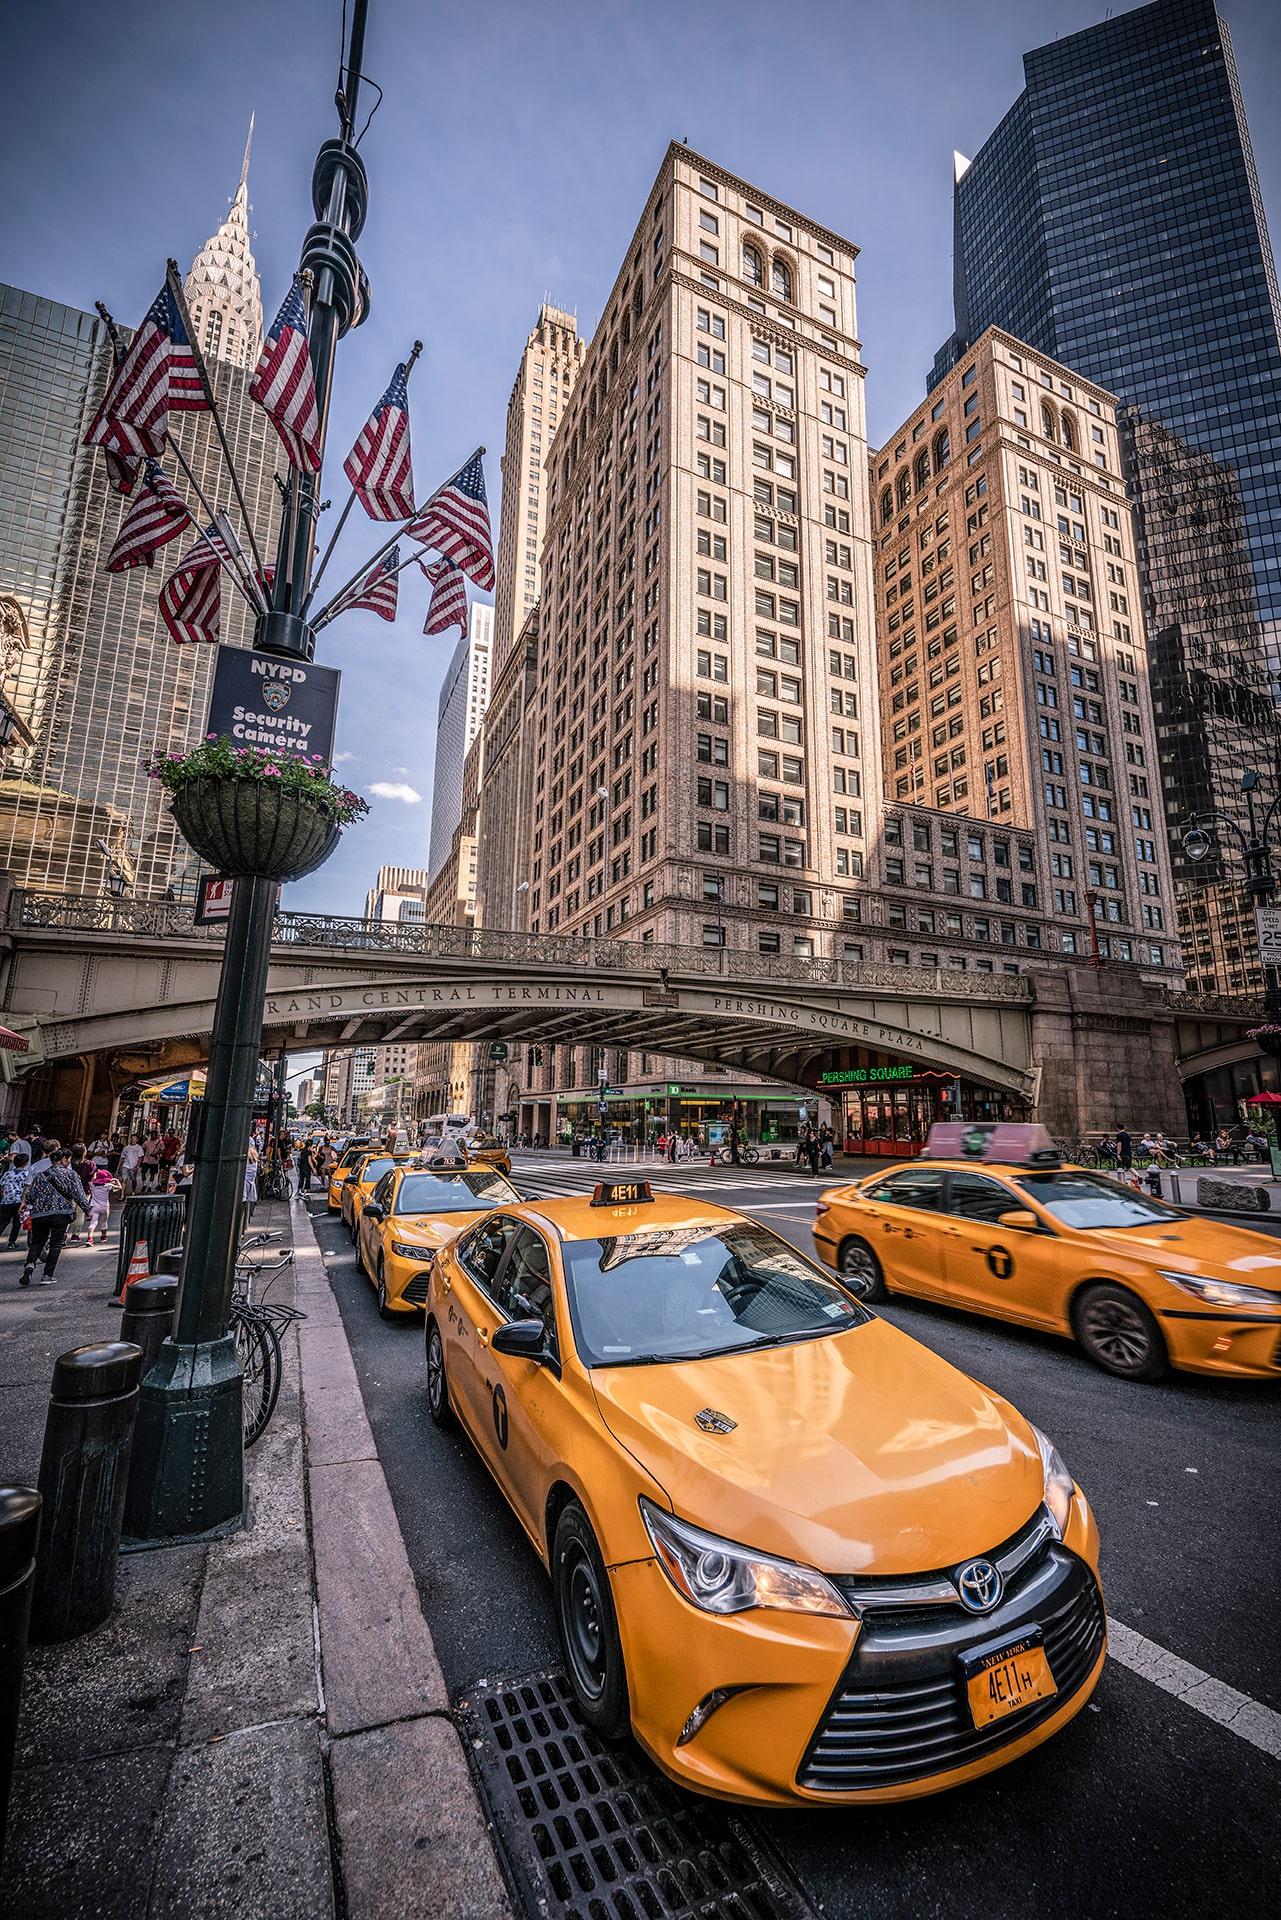 Blog Lifestyle - Les fameux Yellow Cars de New York - Suivre sa Joie - Saskia Parein